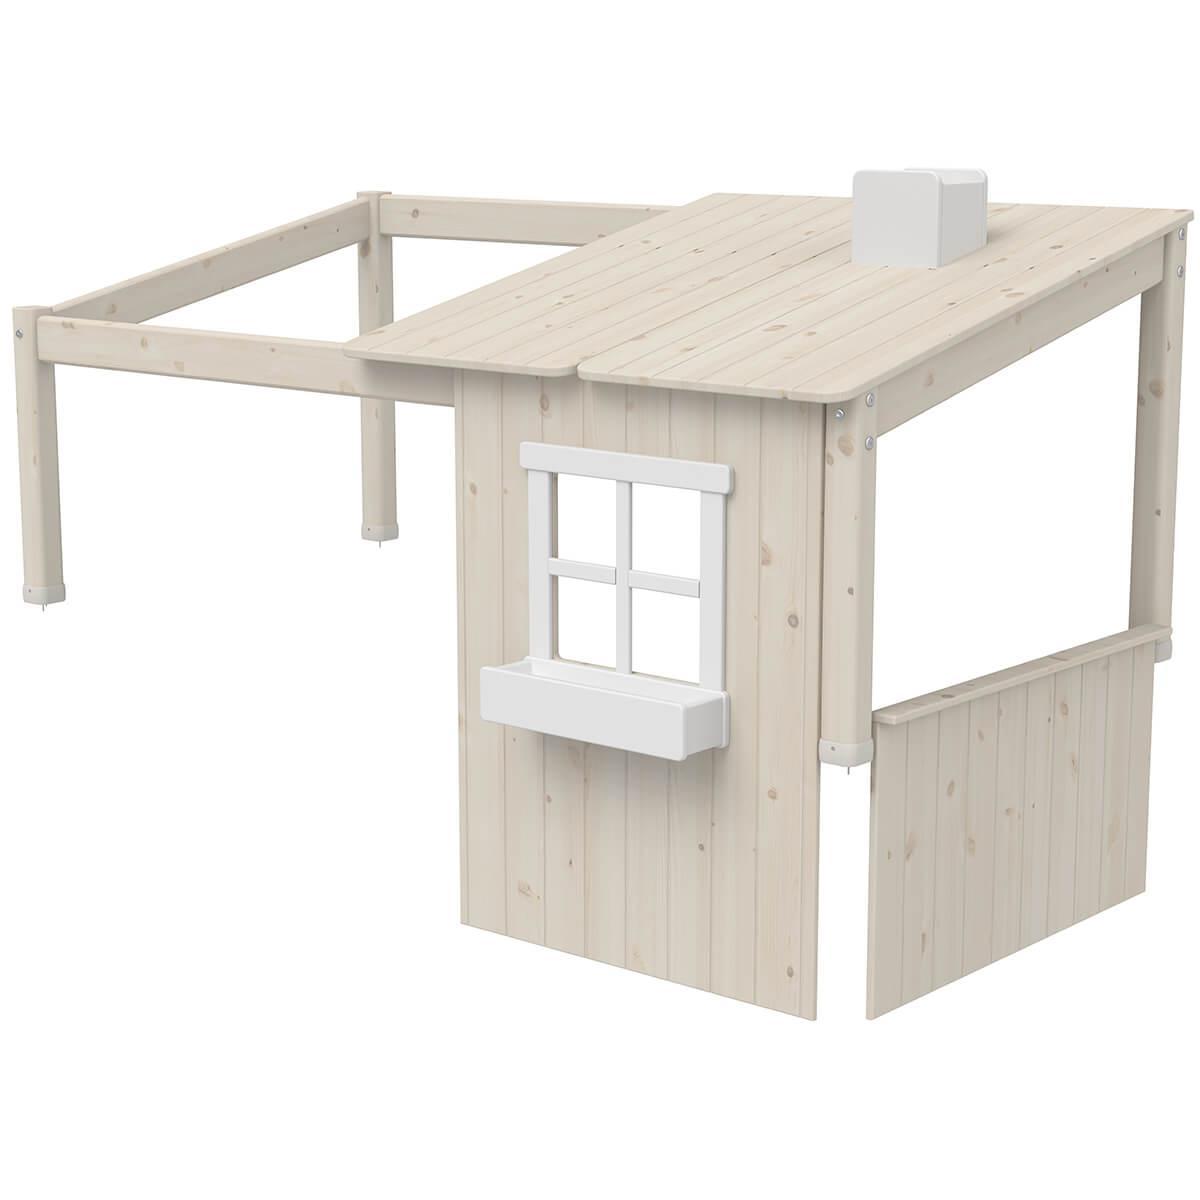 Estructura techo cama cabaña 190cm 1/2 PLAY HOUSE CLASSIC Flexa blanco cal